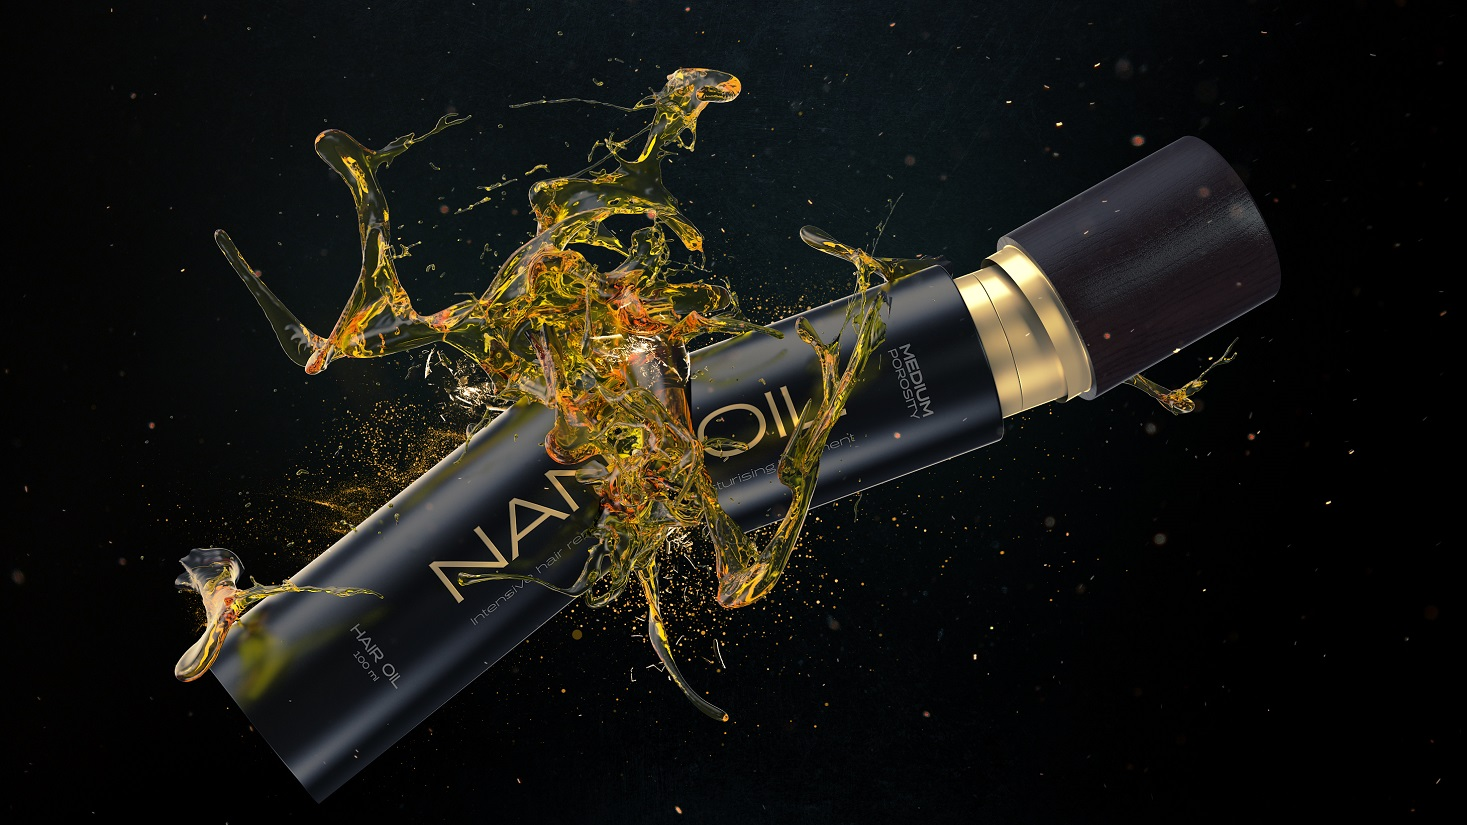 Das ist NANOIL, das beste Haaröl zum Schutz und Stylen der Haare